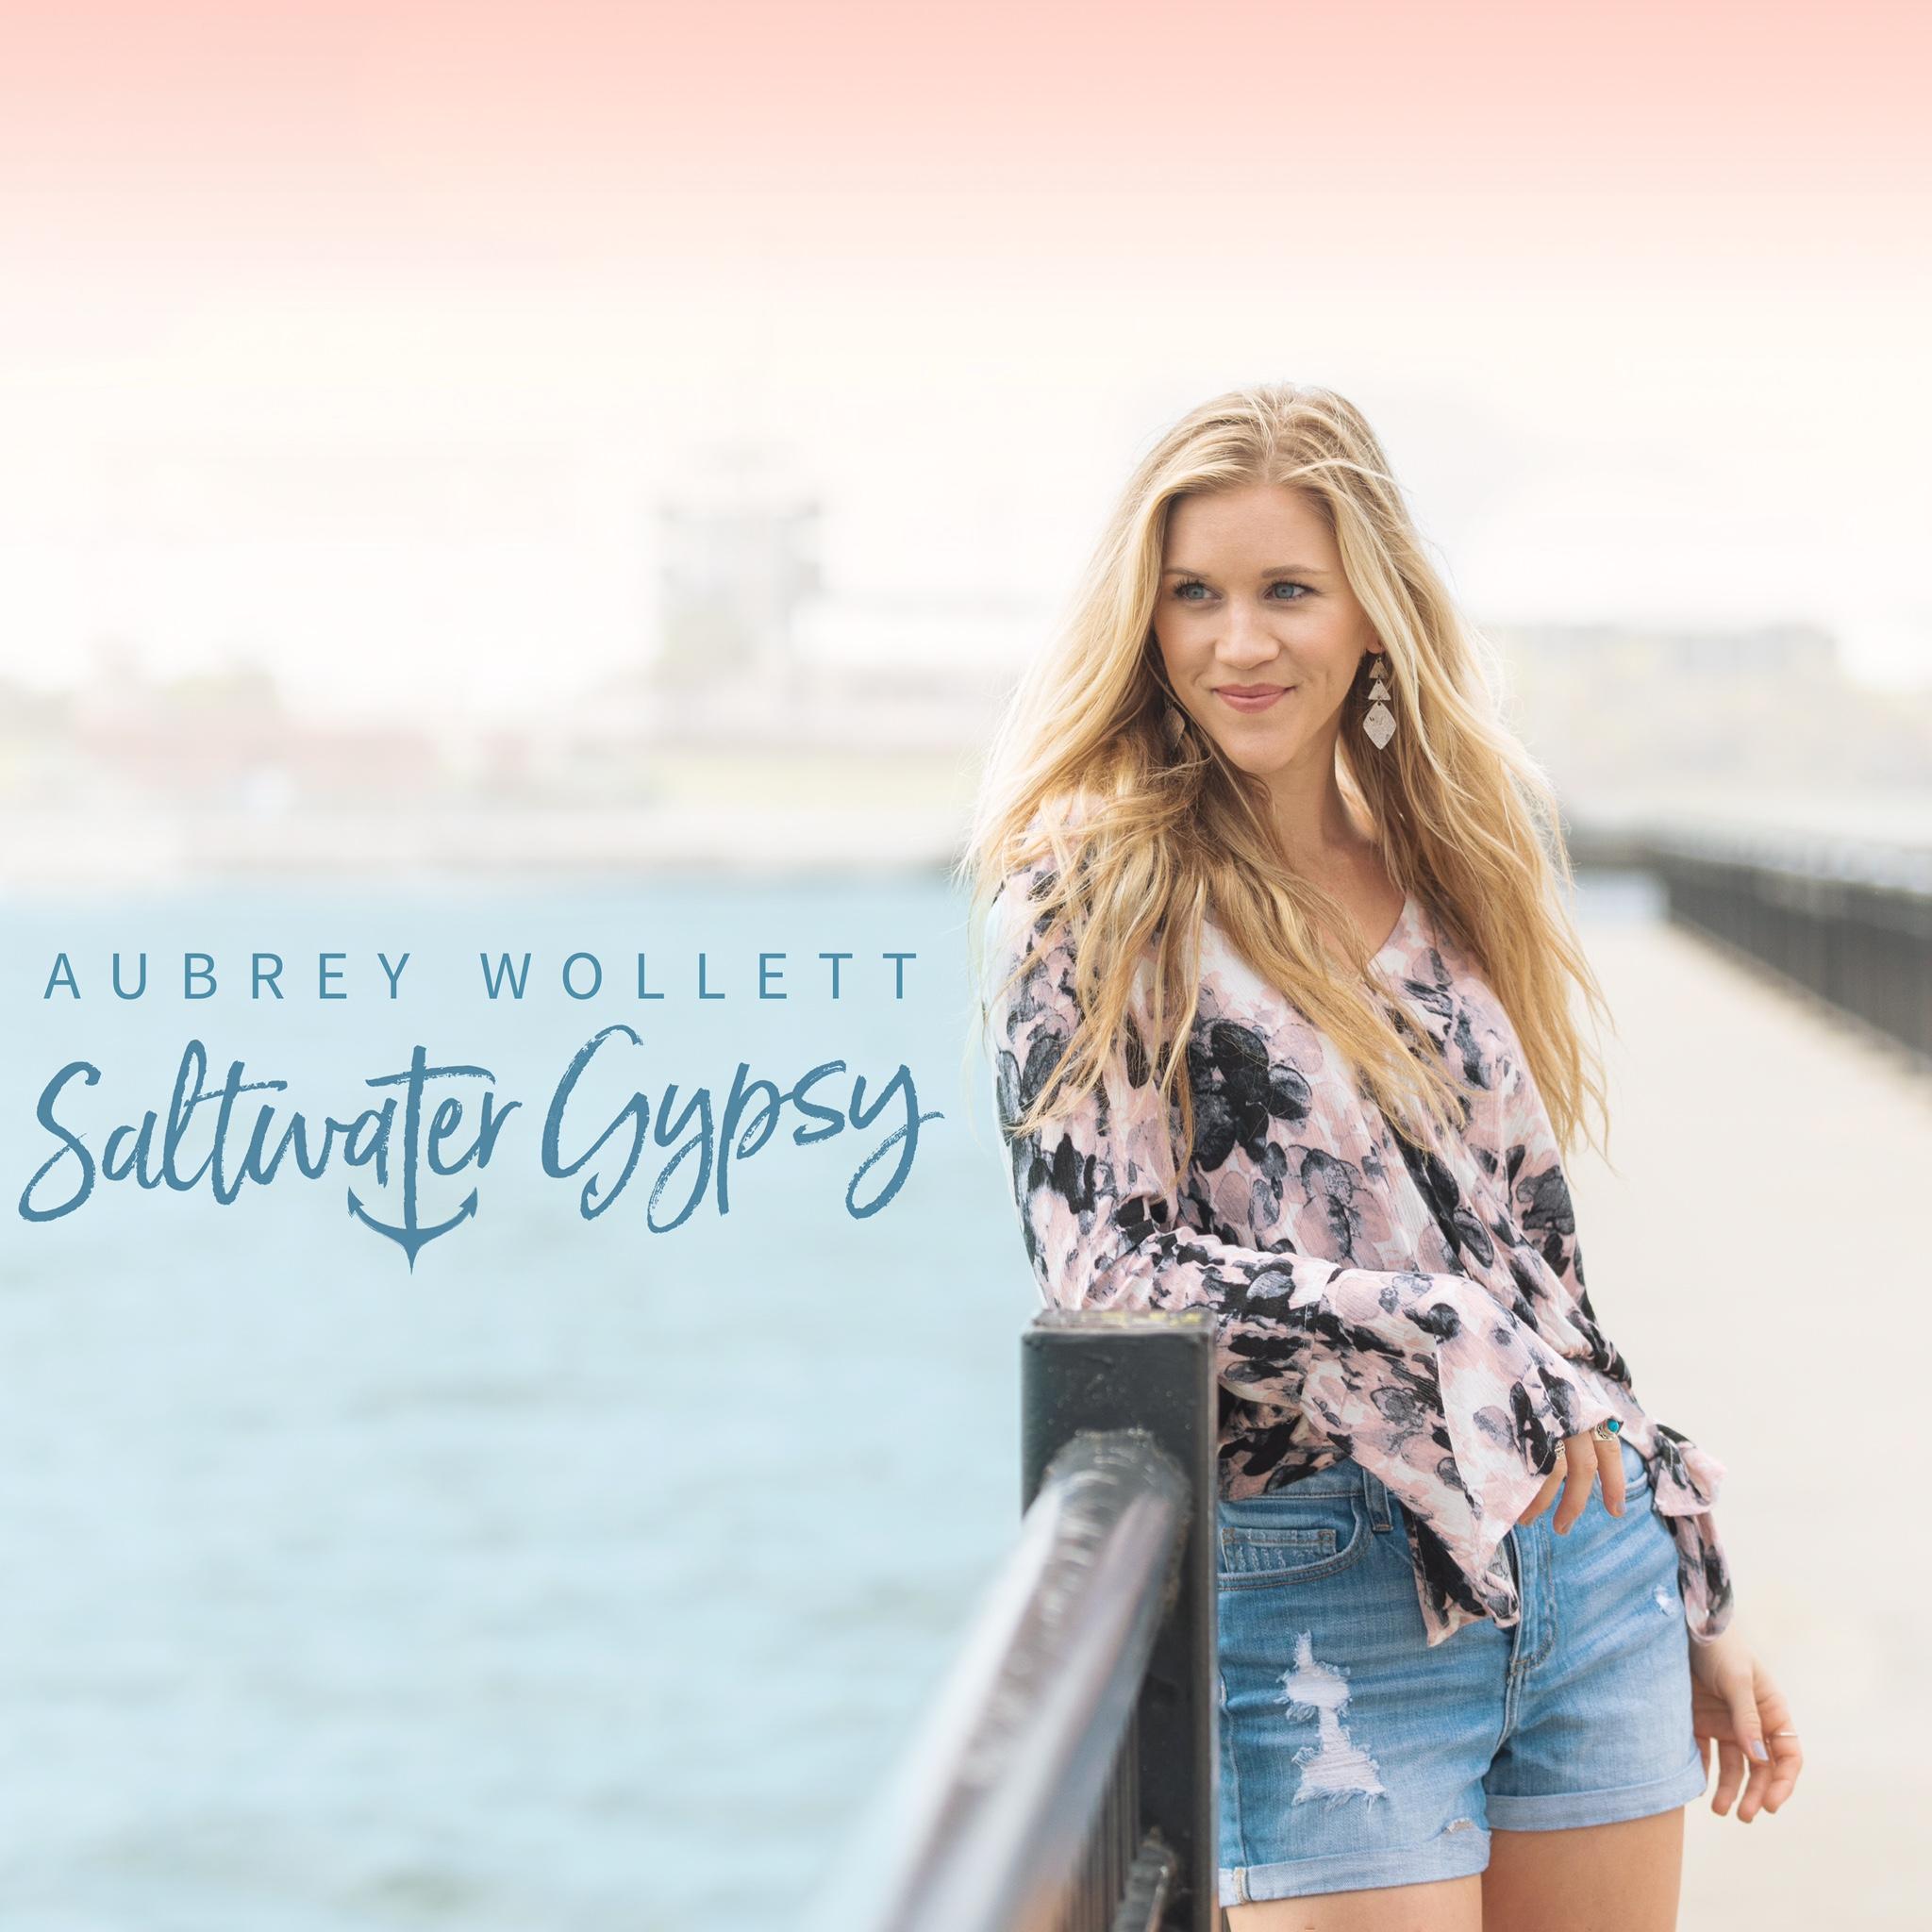 Saltwater Gypsy - Aubrey Wollett - Female Country Music Artist